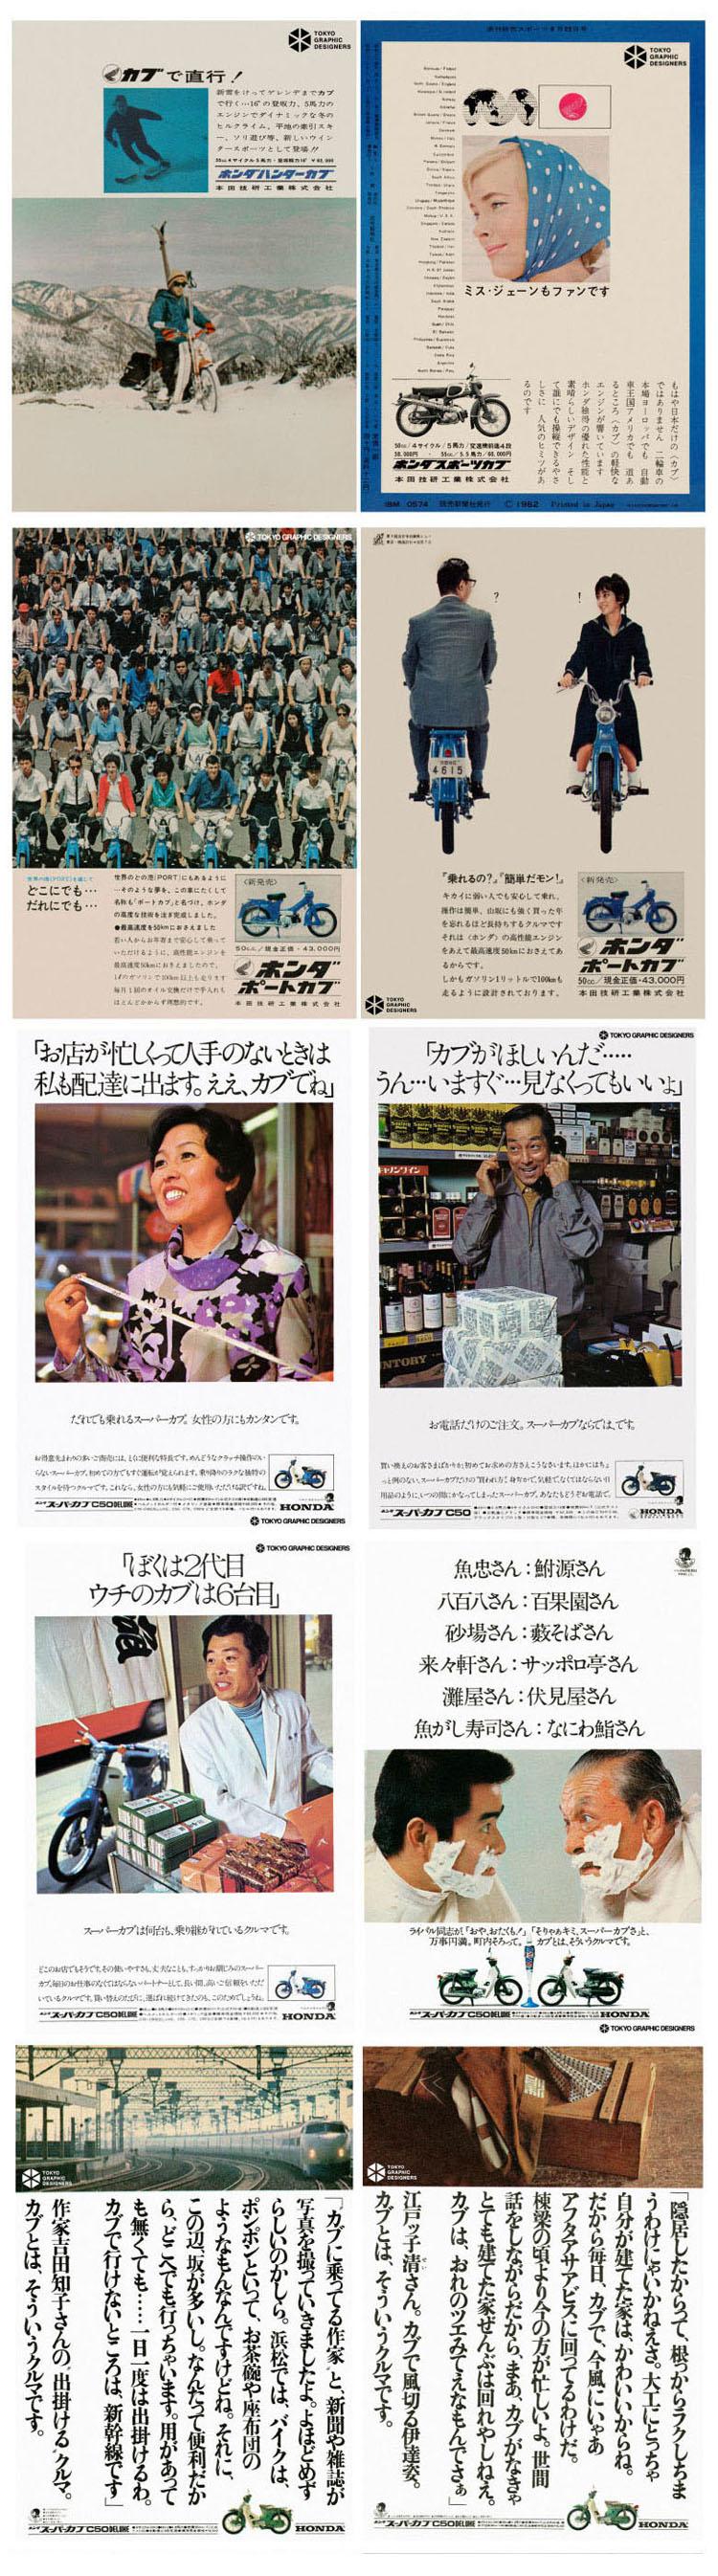 初期の新聞、雑誌広告に見るスーパーカブの広告ヒストリー5-2